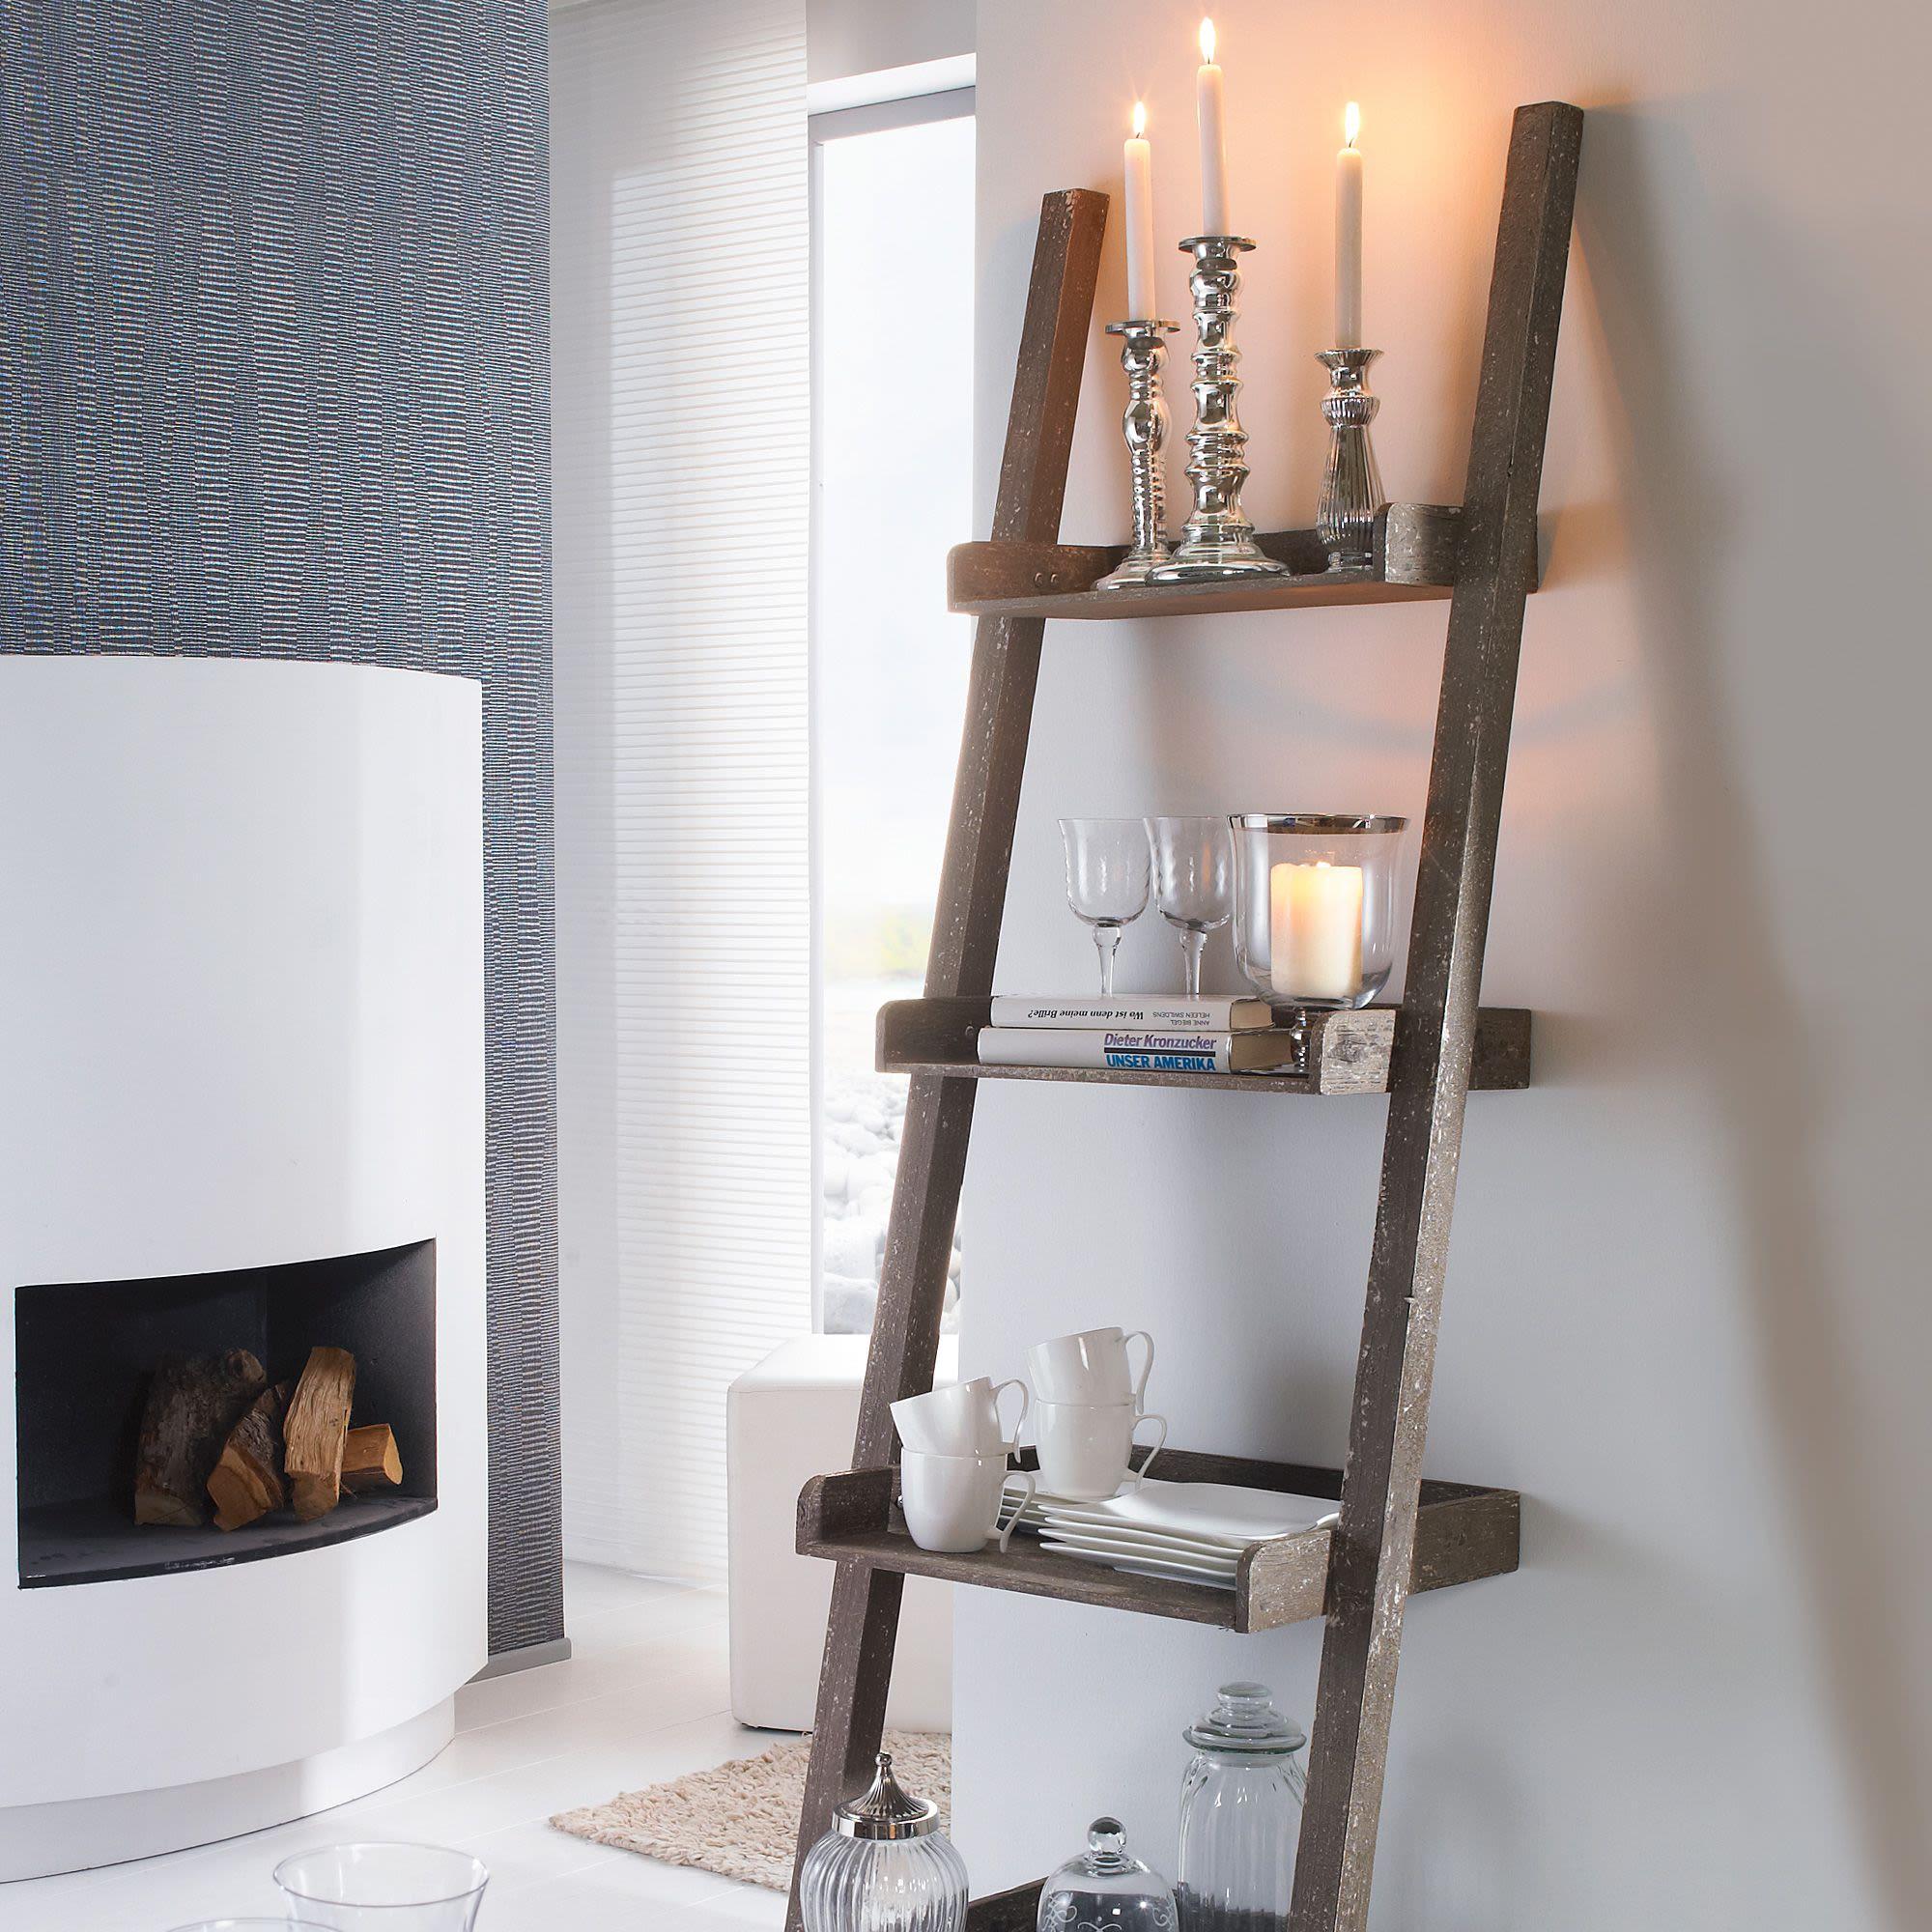 3 set vintage holzkiste alte obstkiste weinkiste natur used look smash. Black Bedroom Furniture Sets. Home Design Ideas